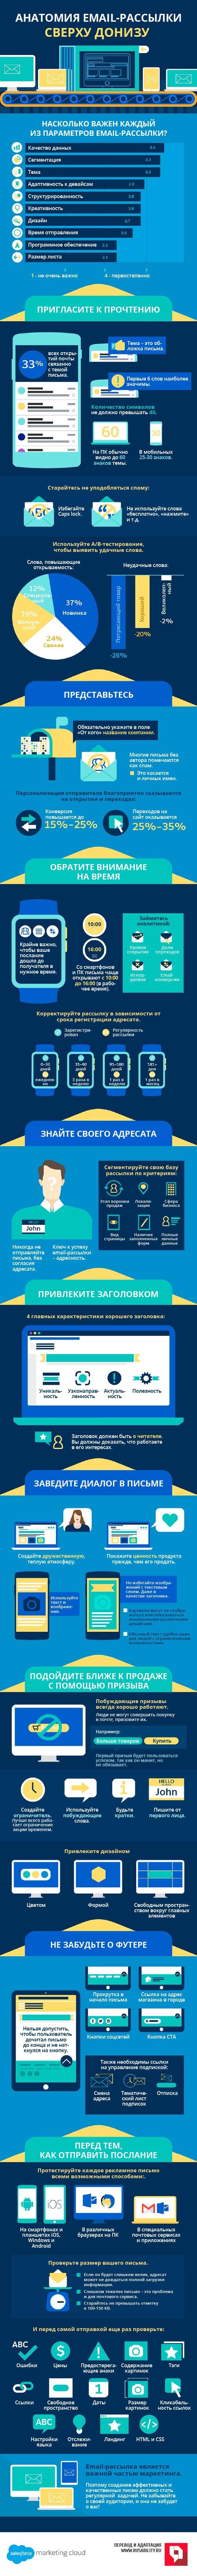 email-маркетинг, рассылка, письма, почта, инфографика, контент